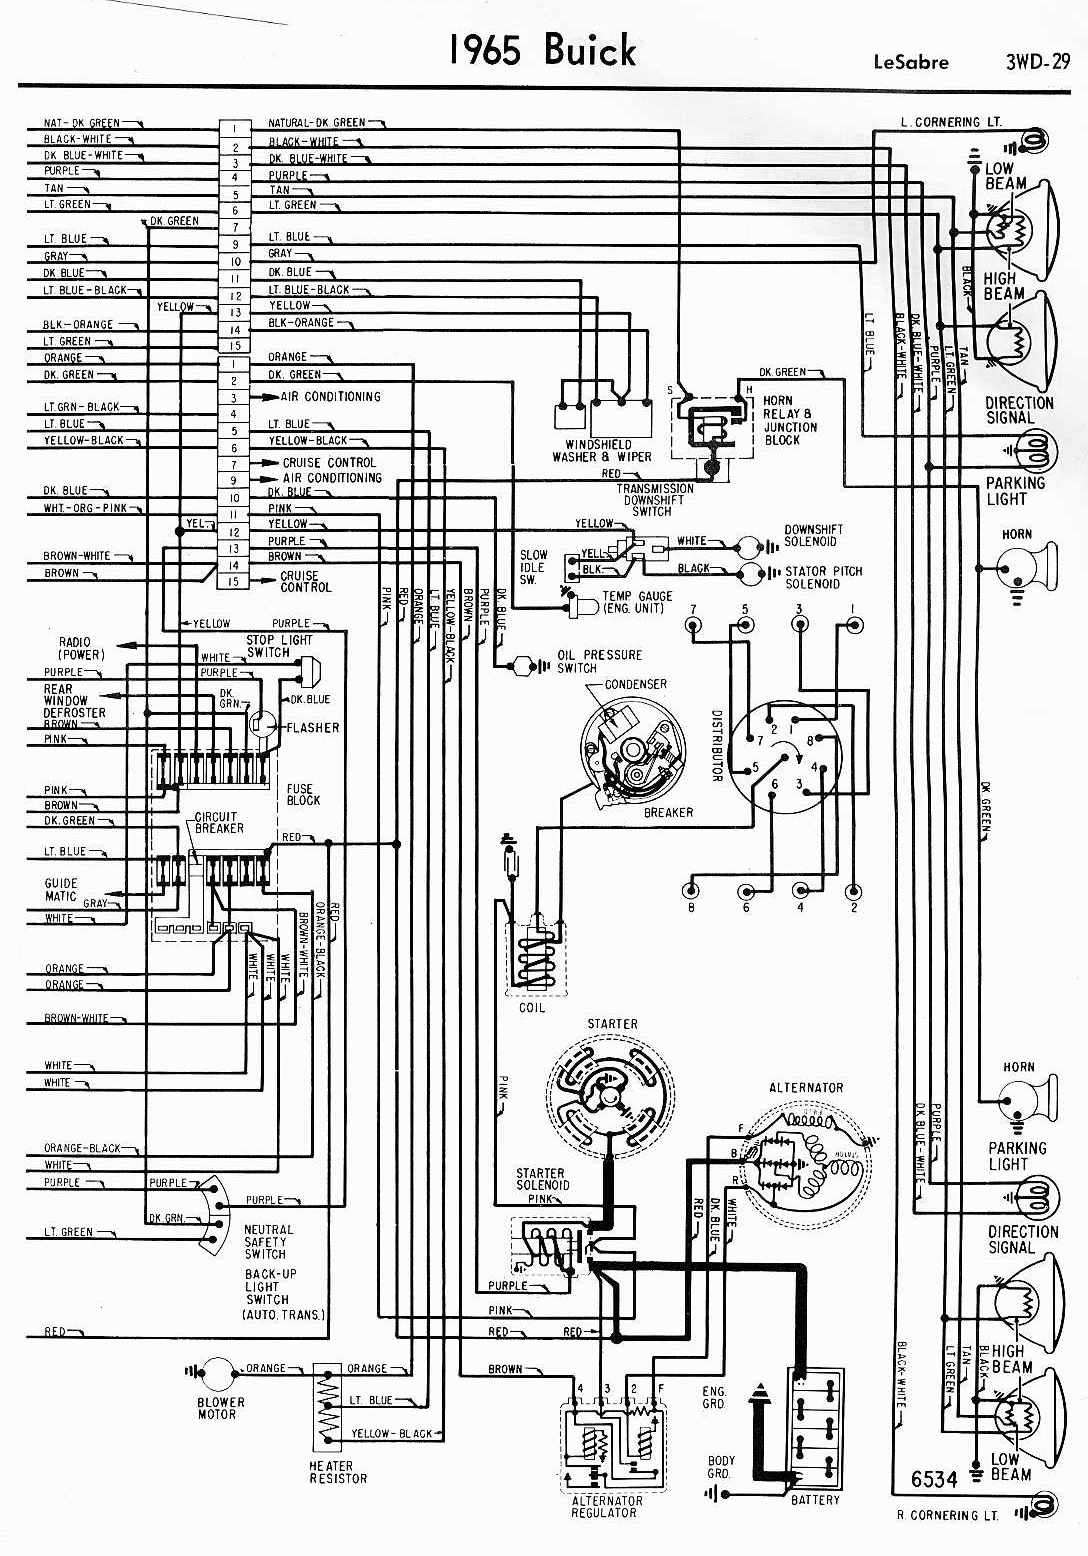 1985 buick electra fuse diagram wiring diagram g11 gm wiper wiring schematics online